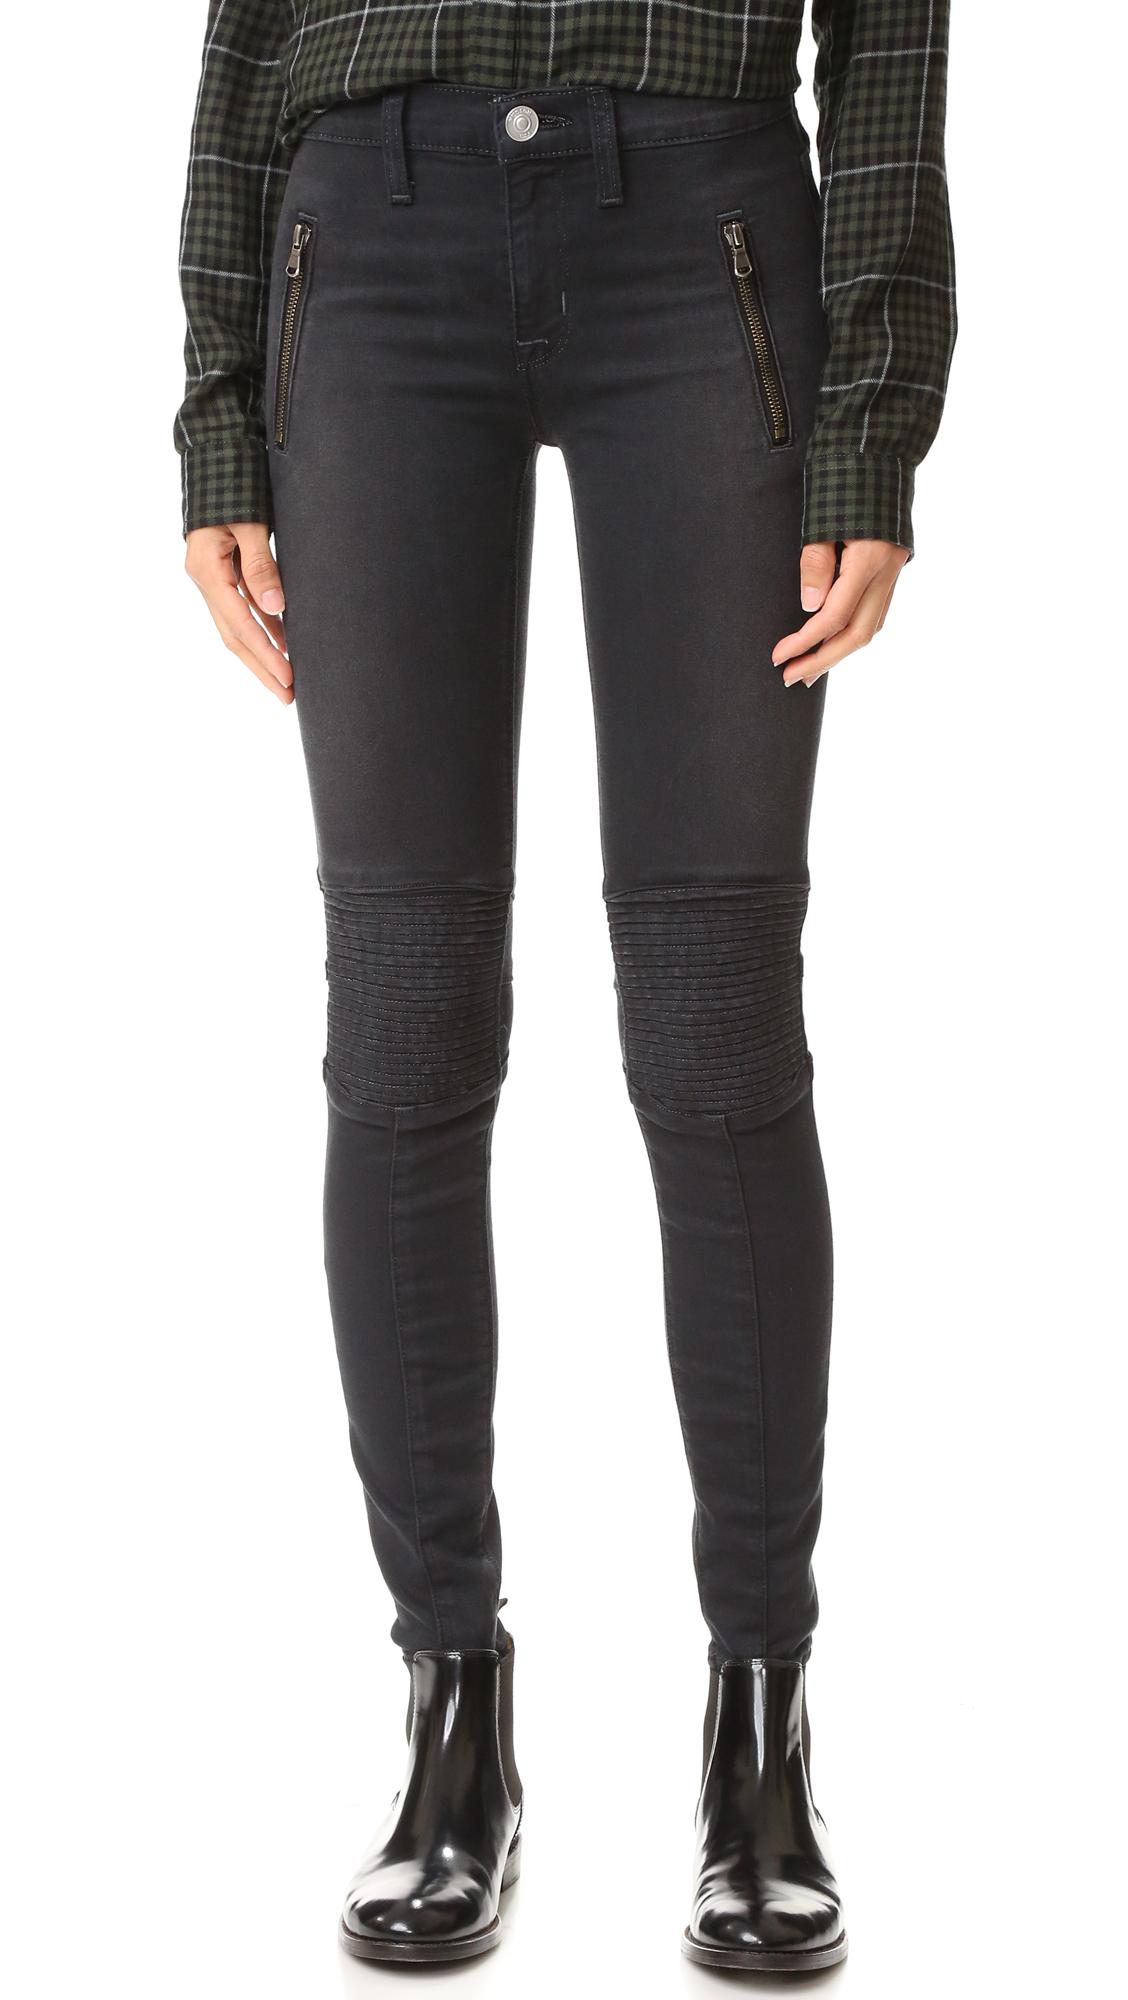 Hudson Stark Moto Pants - Disillusioned at Shopbop